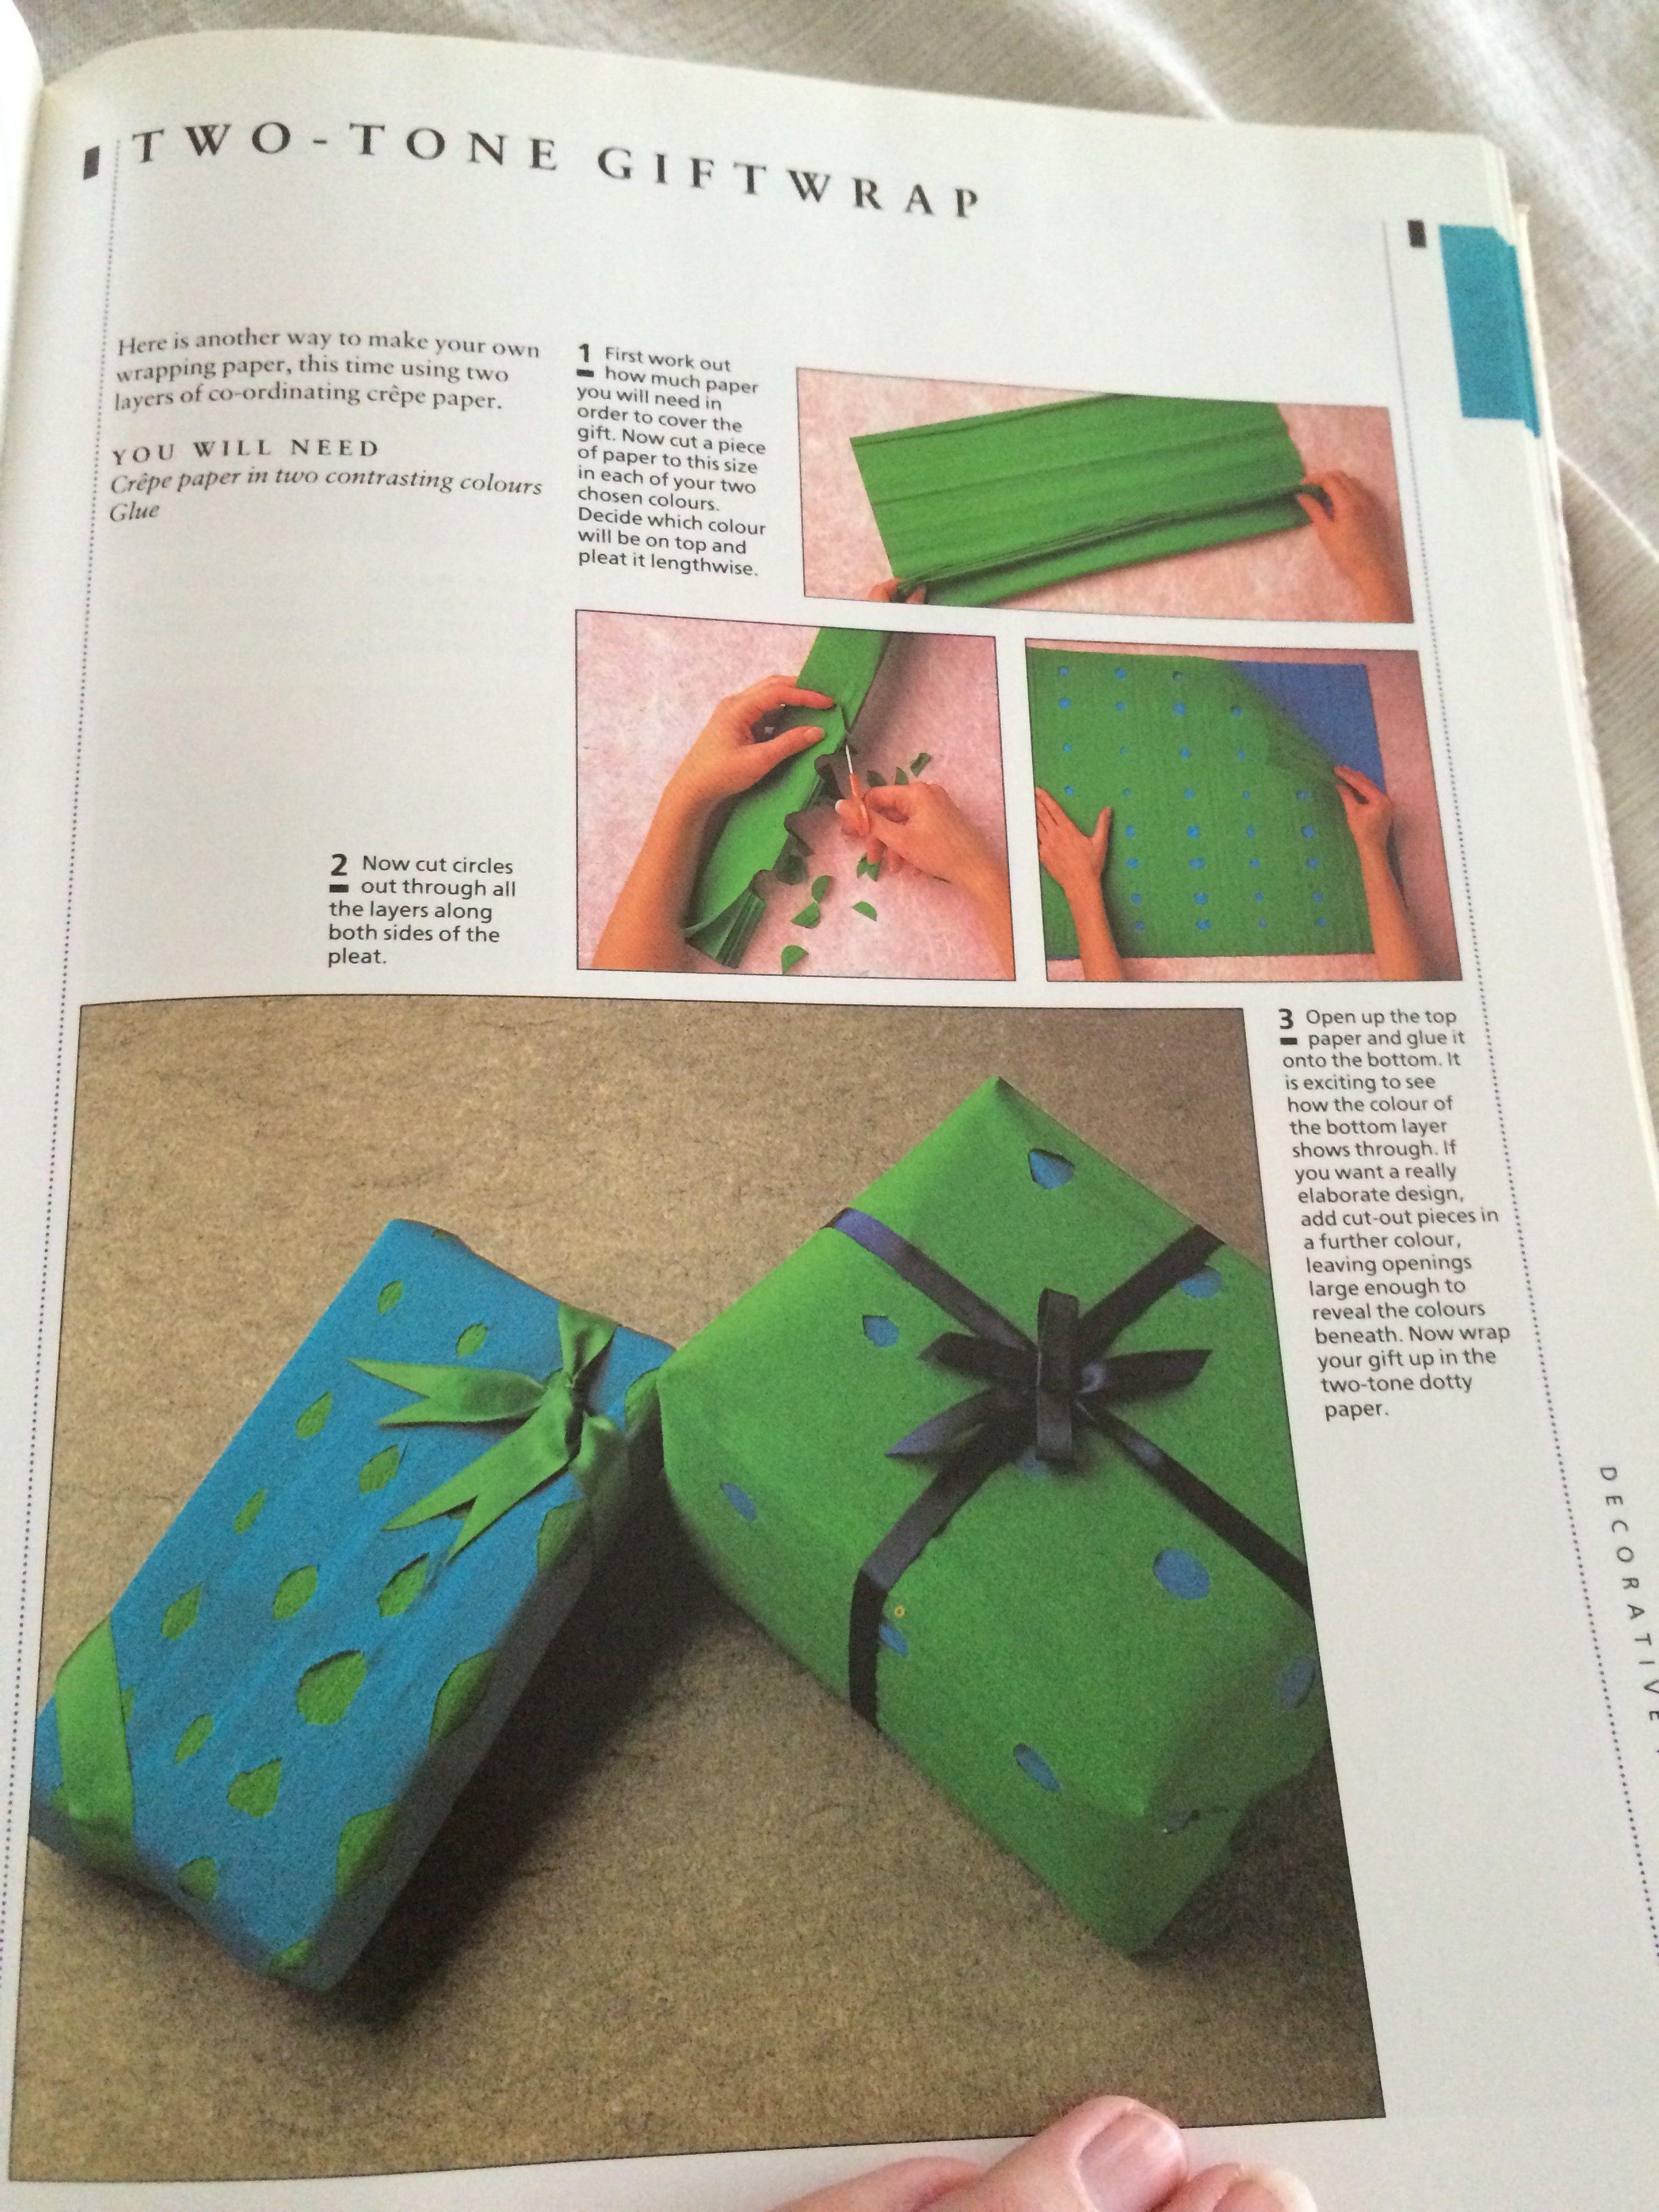 Cut Gift Wrap Mops Group Craft Ideas Pinterest Craft